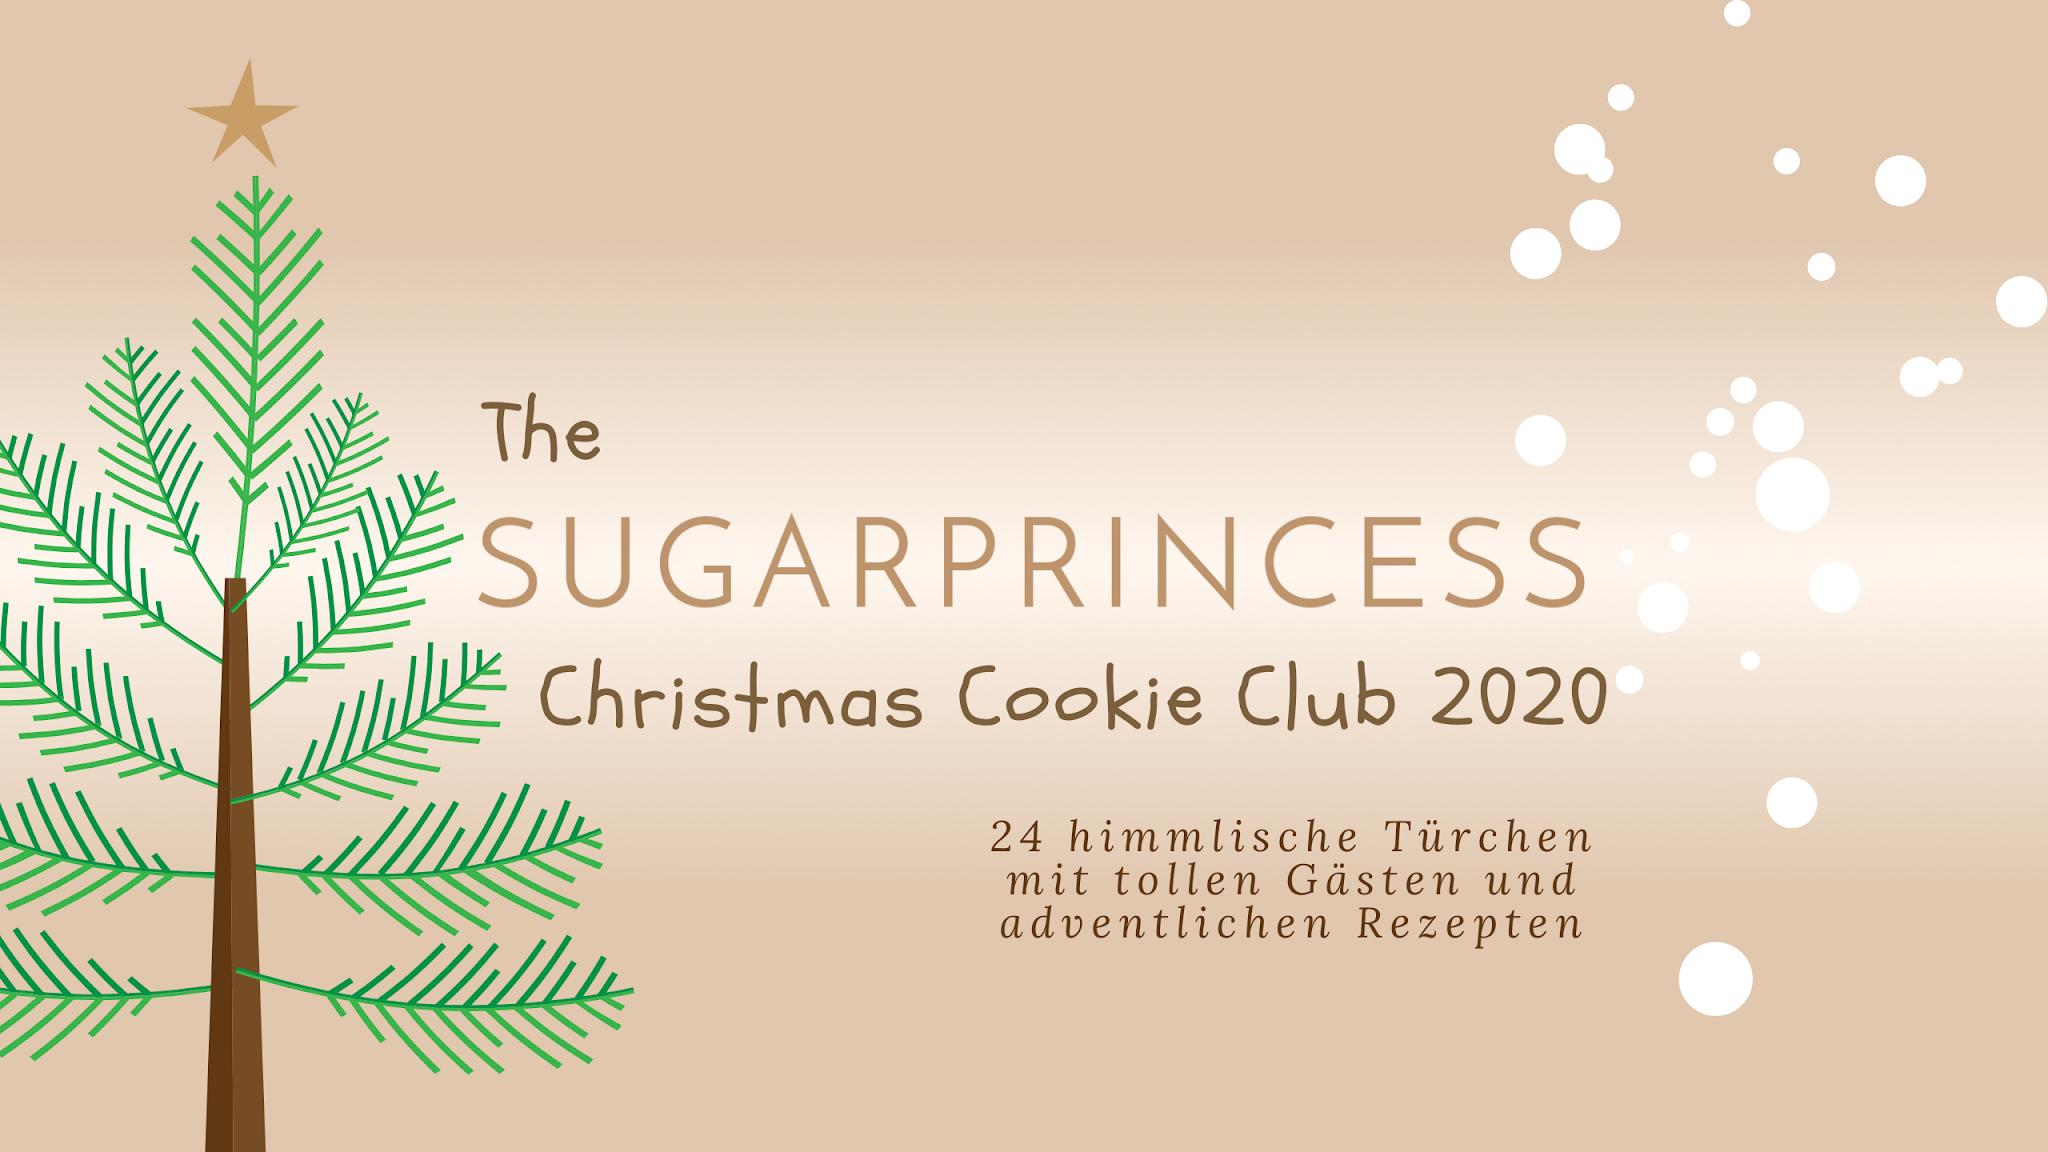 Sugarprincess Christmas Cookie Club